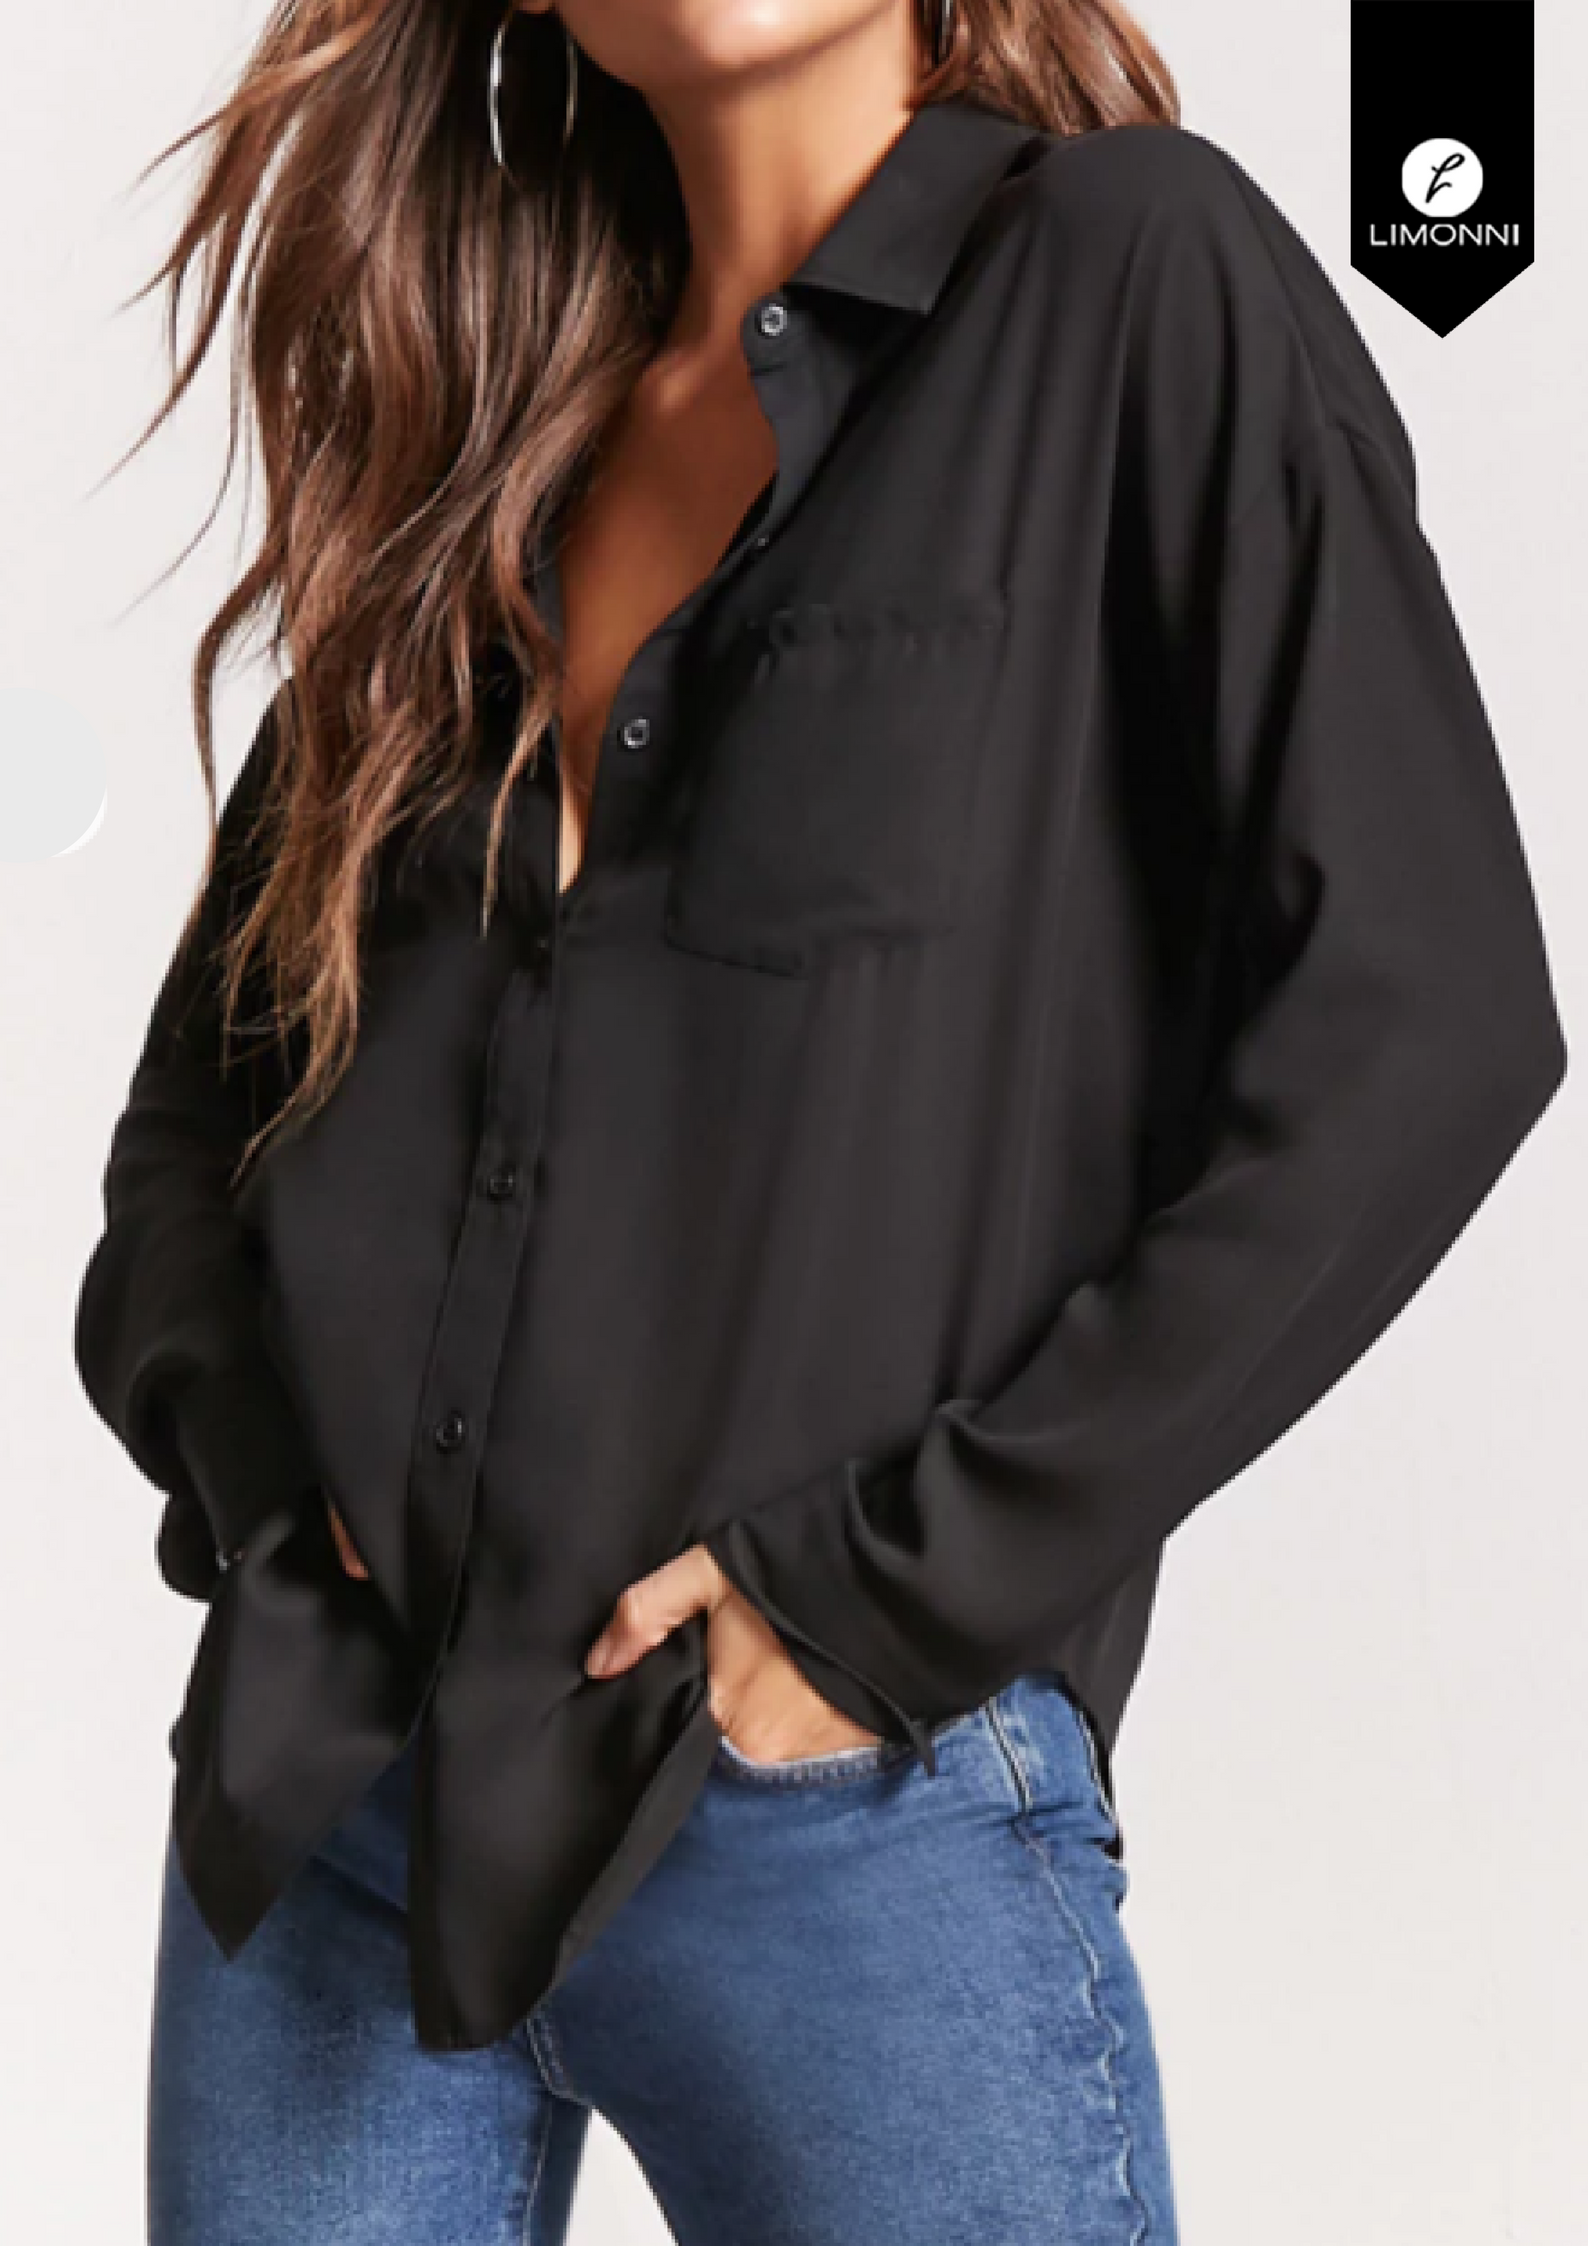 Blusas para mujer Limonni Novalee LI1555 Camiseras